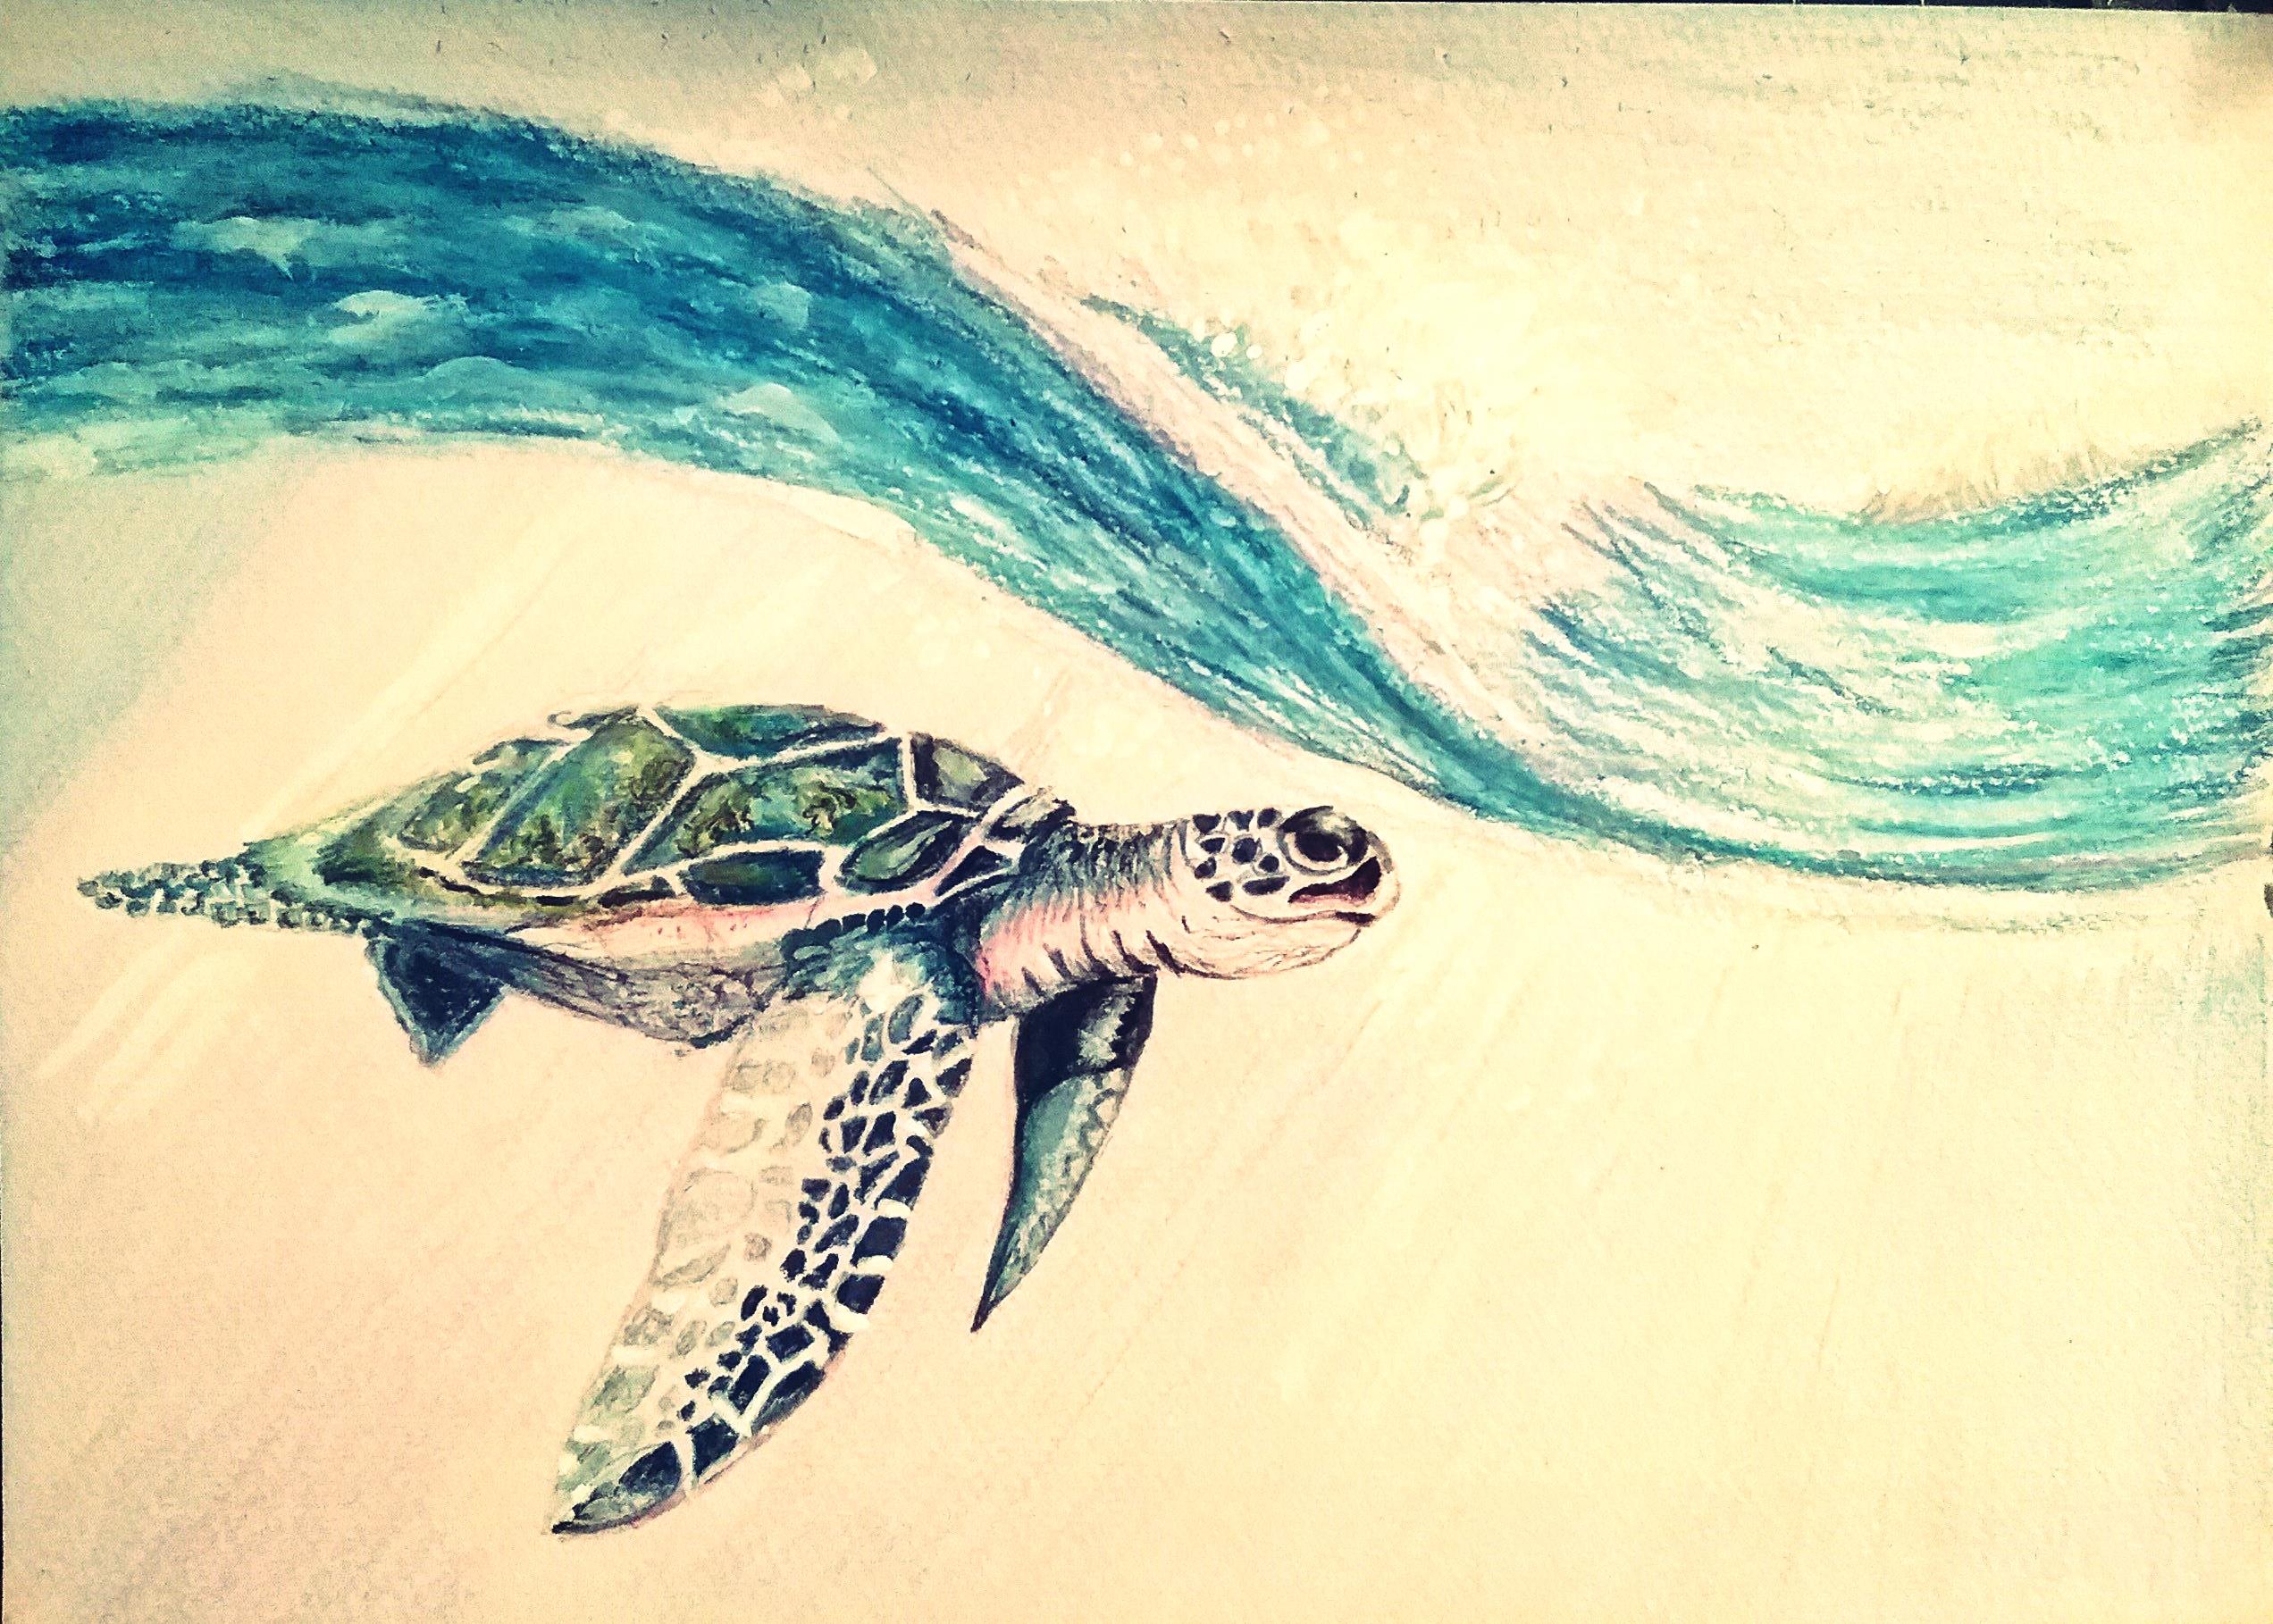 În căutarea țestoaselor cu gâtul lung